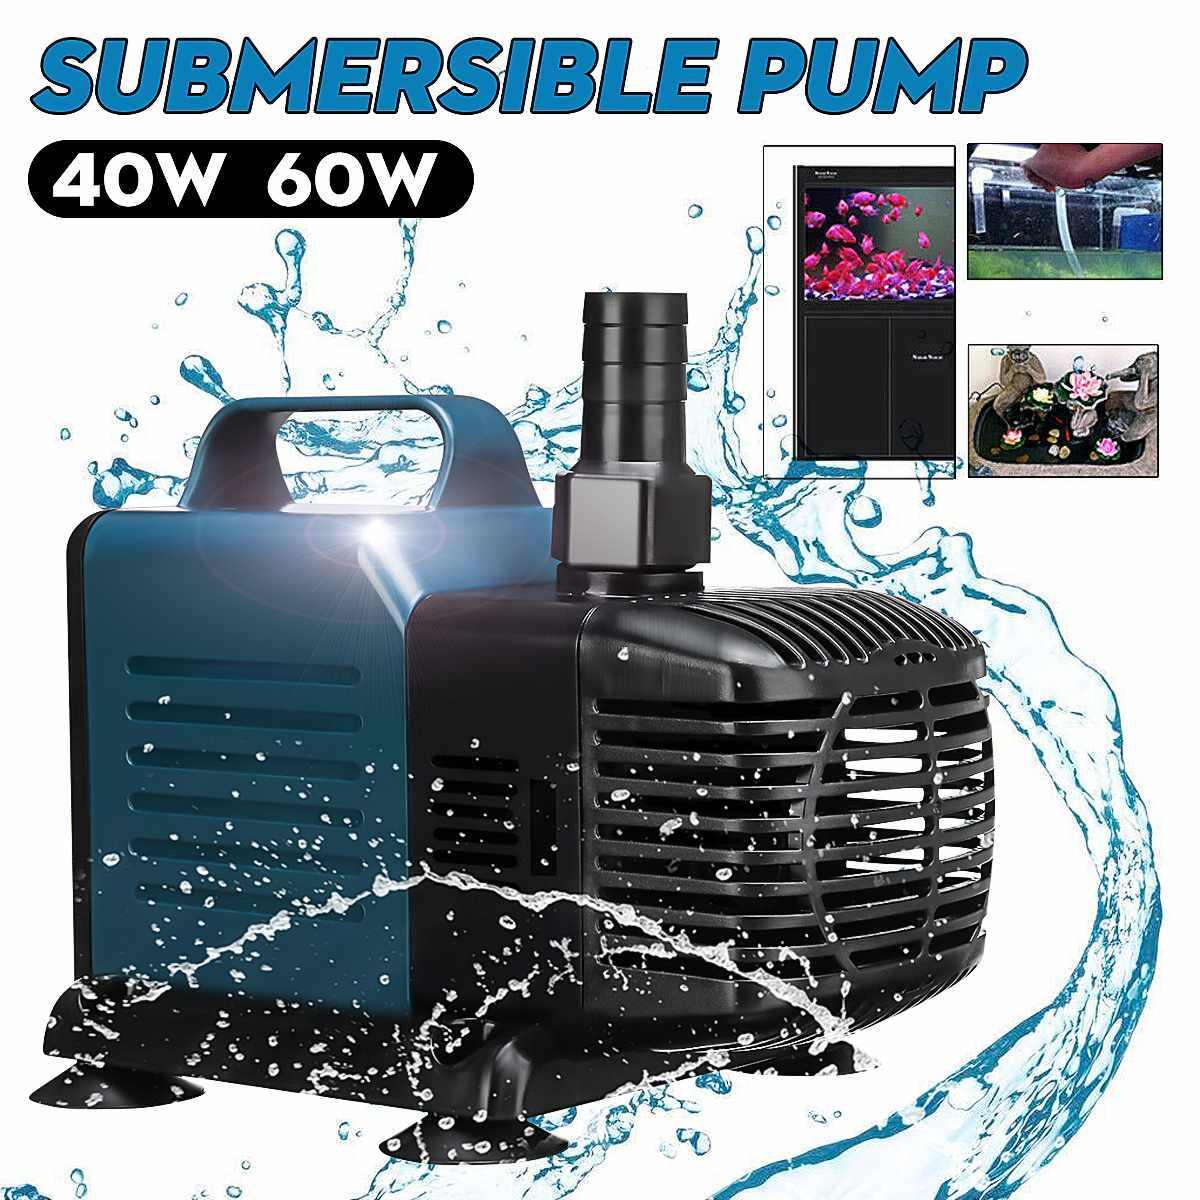 Pompa Air Akuarium untuk Tangki Ikan Hidroponik Air Submersible Pompa Air Terjun Kolam Renang Pompa Air Mancur Beredar Filter